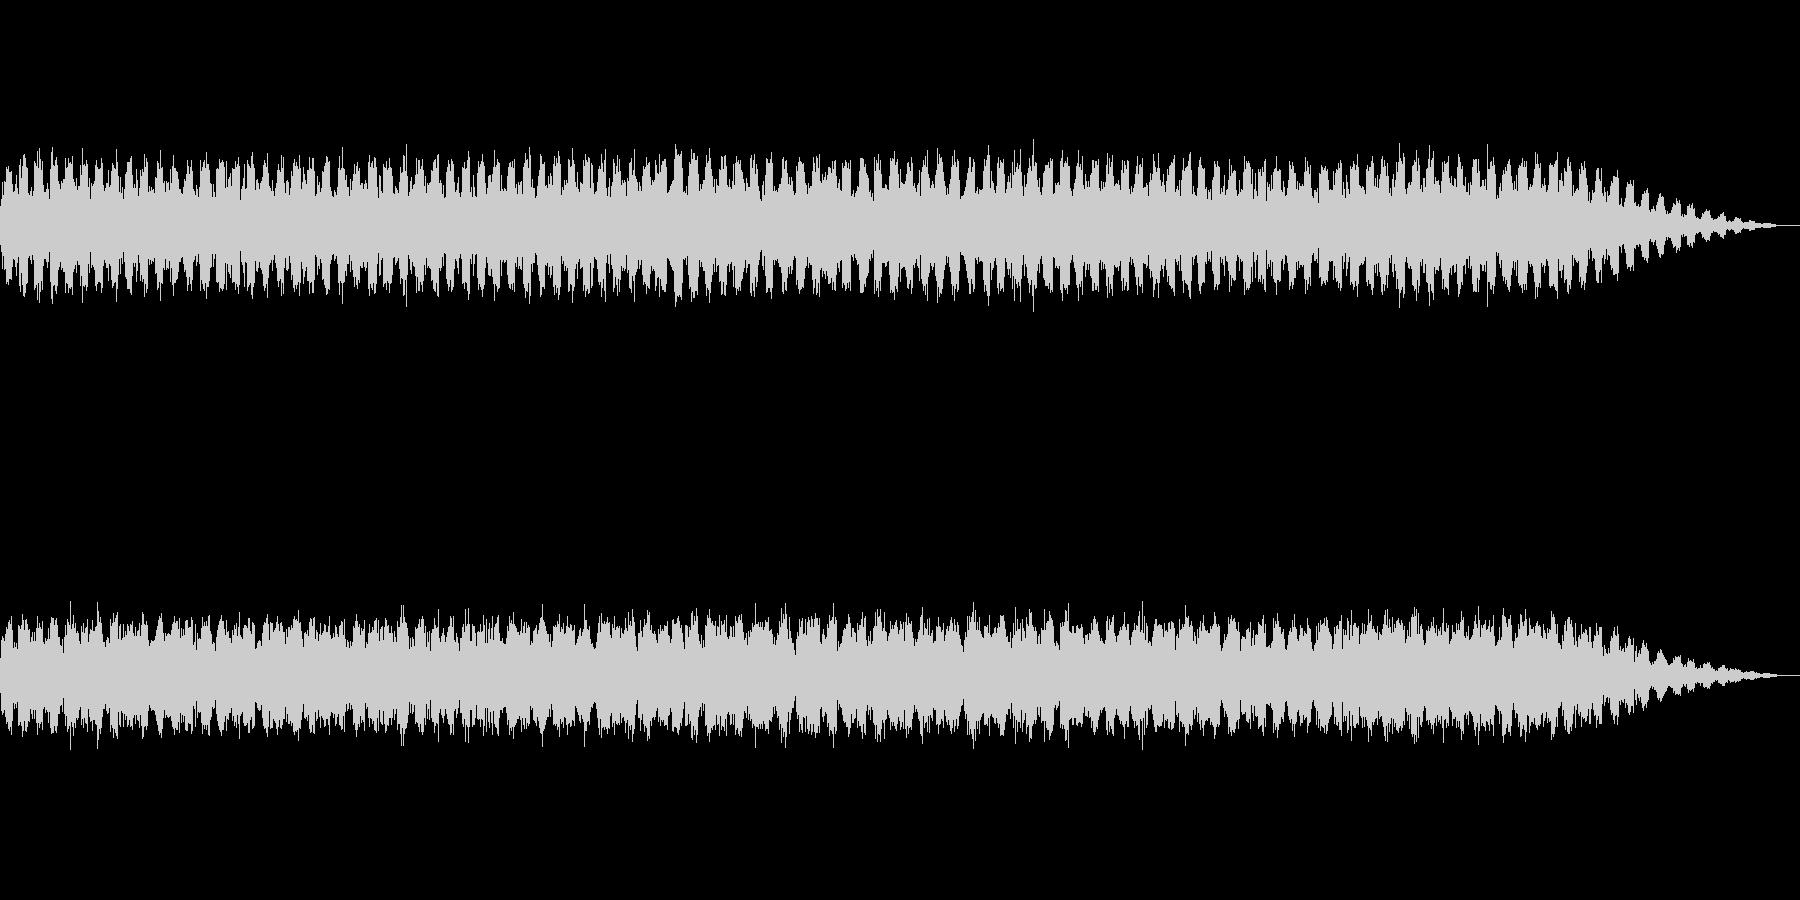 【生録音】美しい秋の虫の鳴き声 2019の未再生の波形